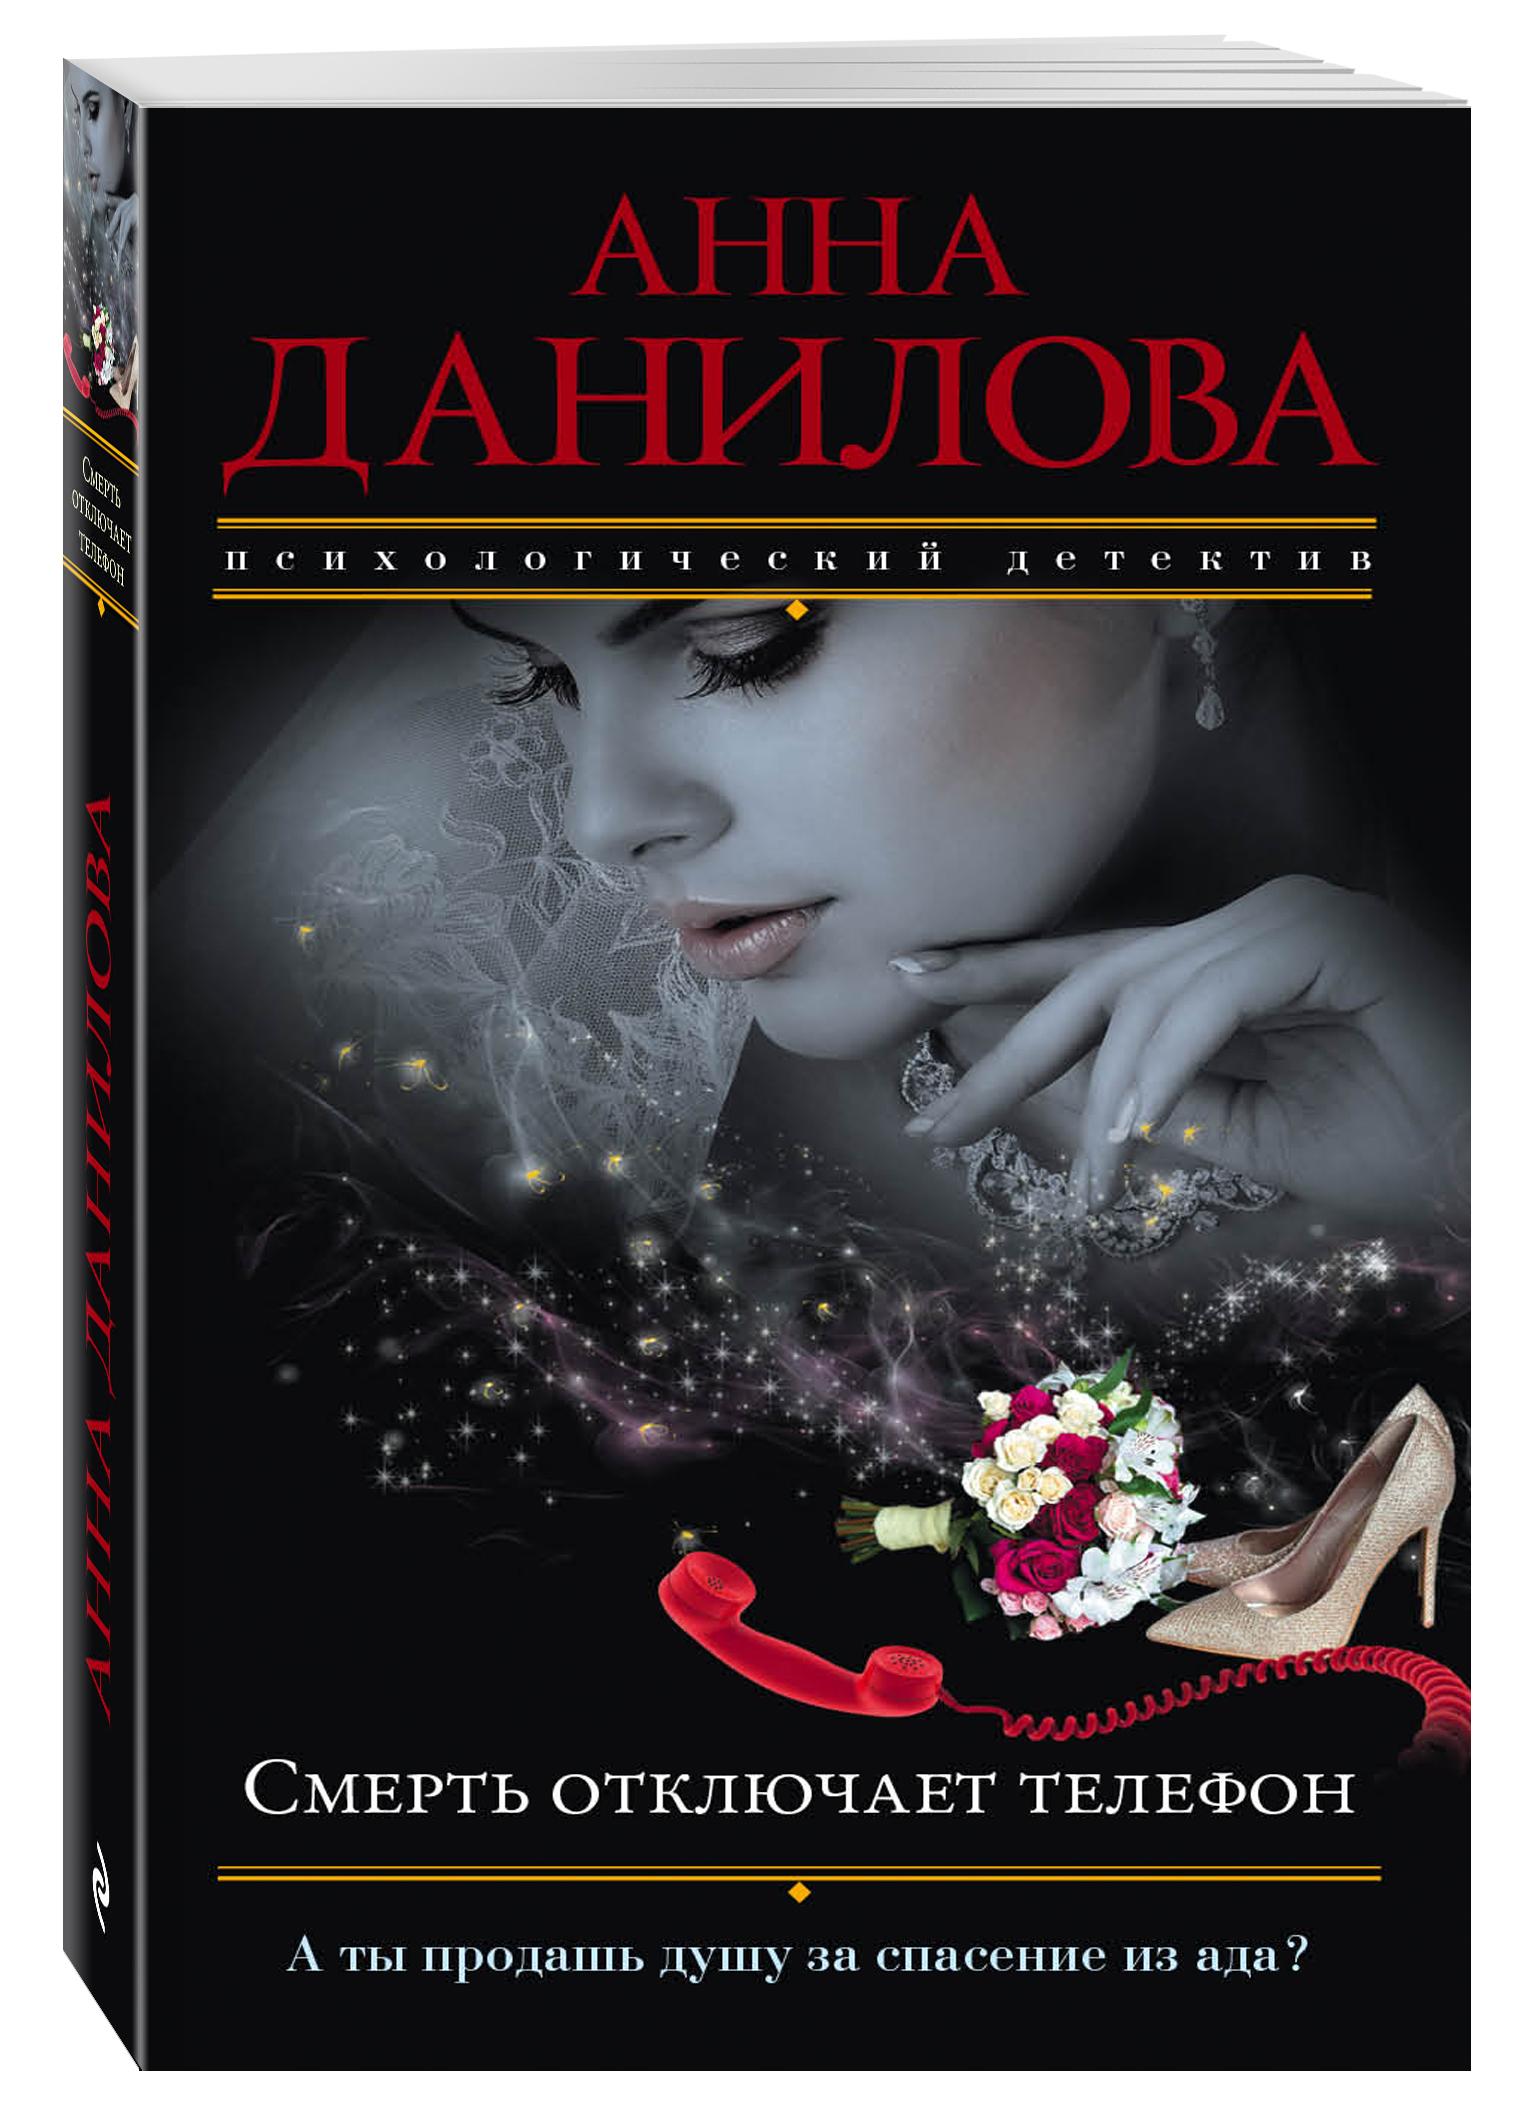 Данилова А.В. Смерть отключает телефон призы для гостей на свадьбе